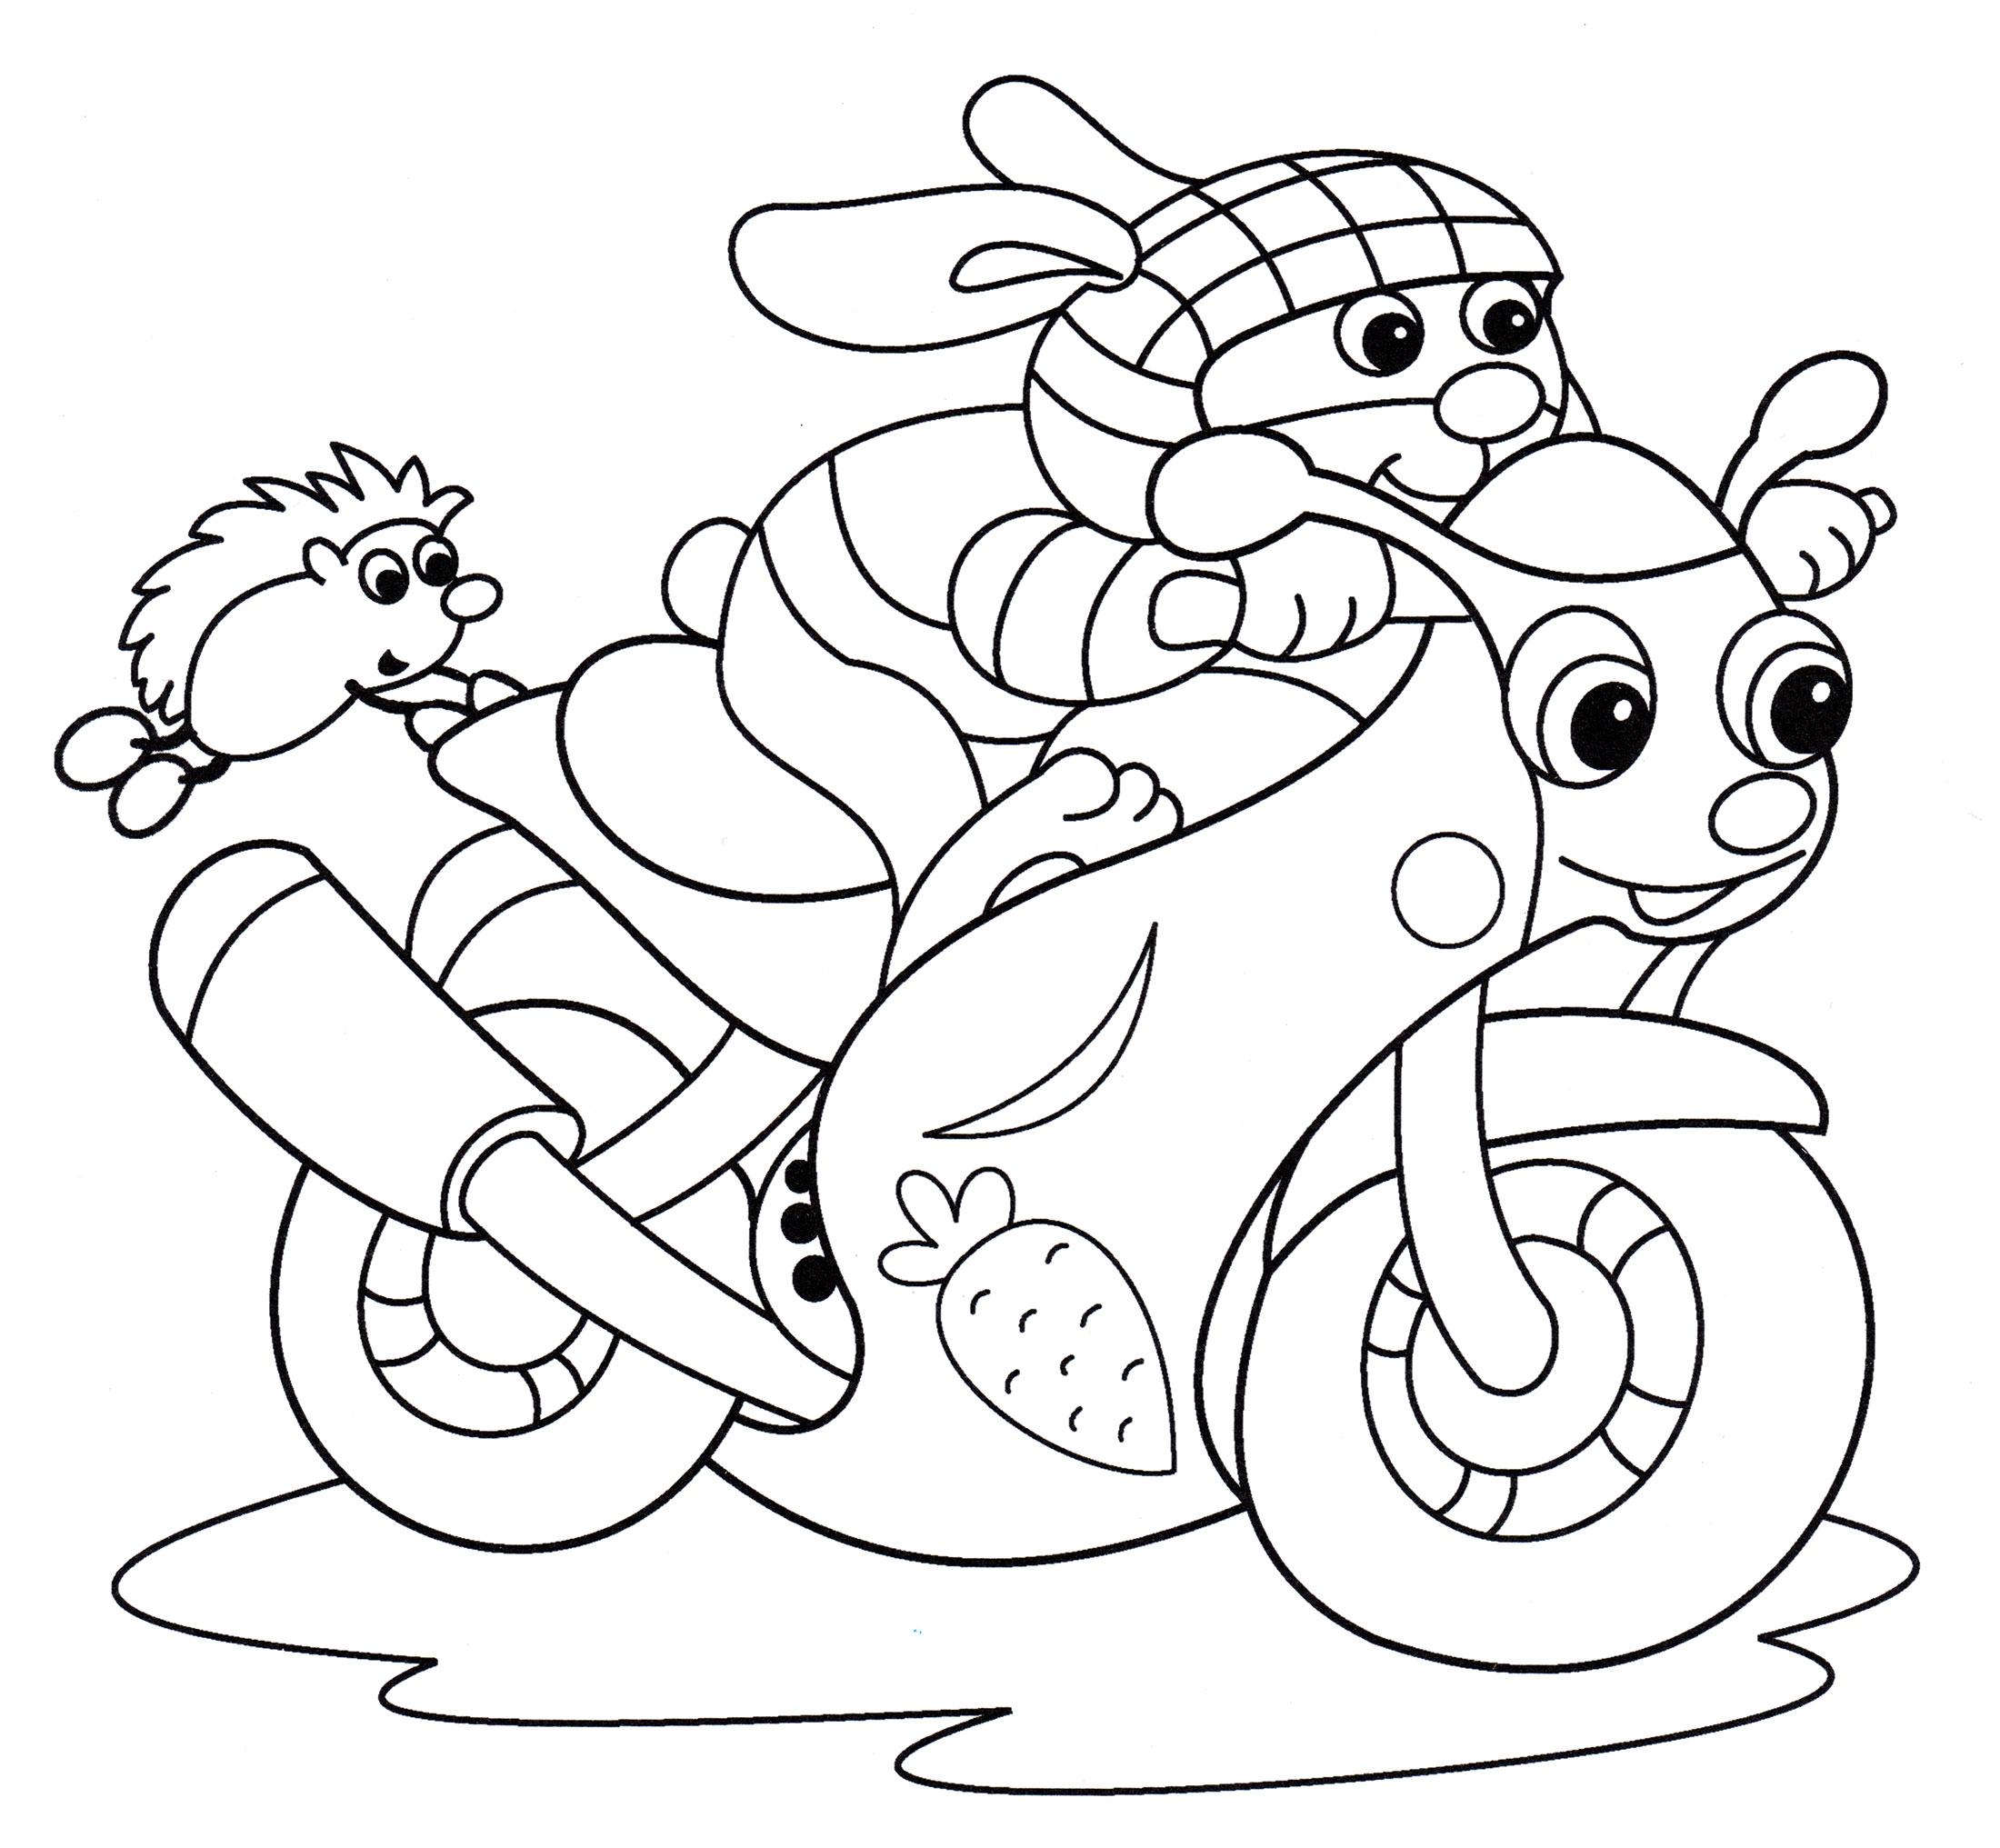 Раскраска Заяц на мотоцикле | Раскраски мотоциклы